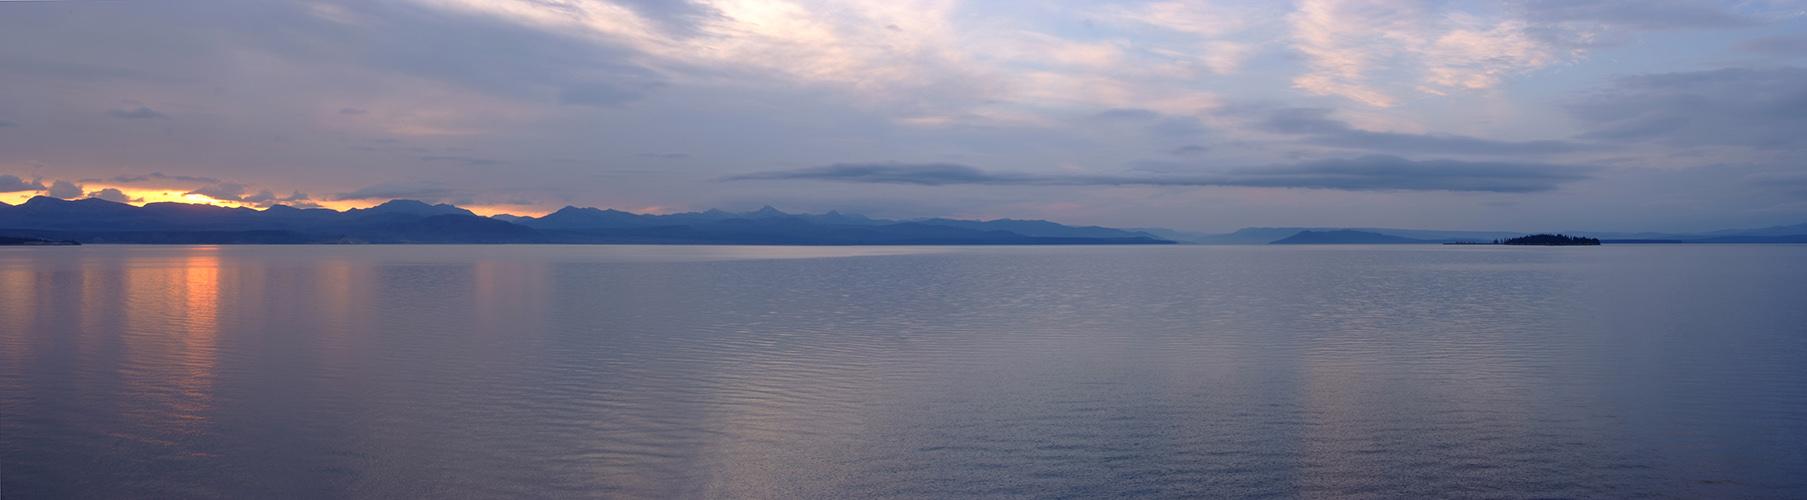 +++ Sunrise at Lake Yellowstone +++